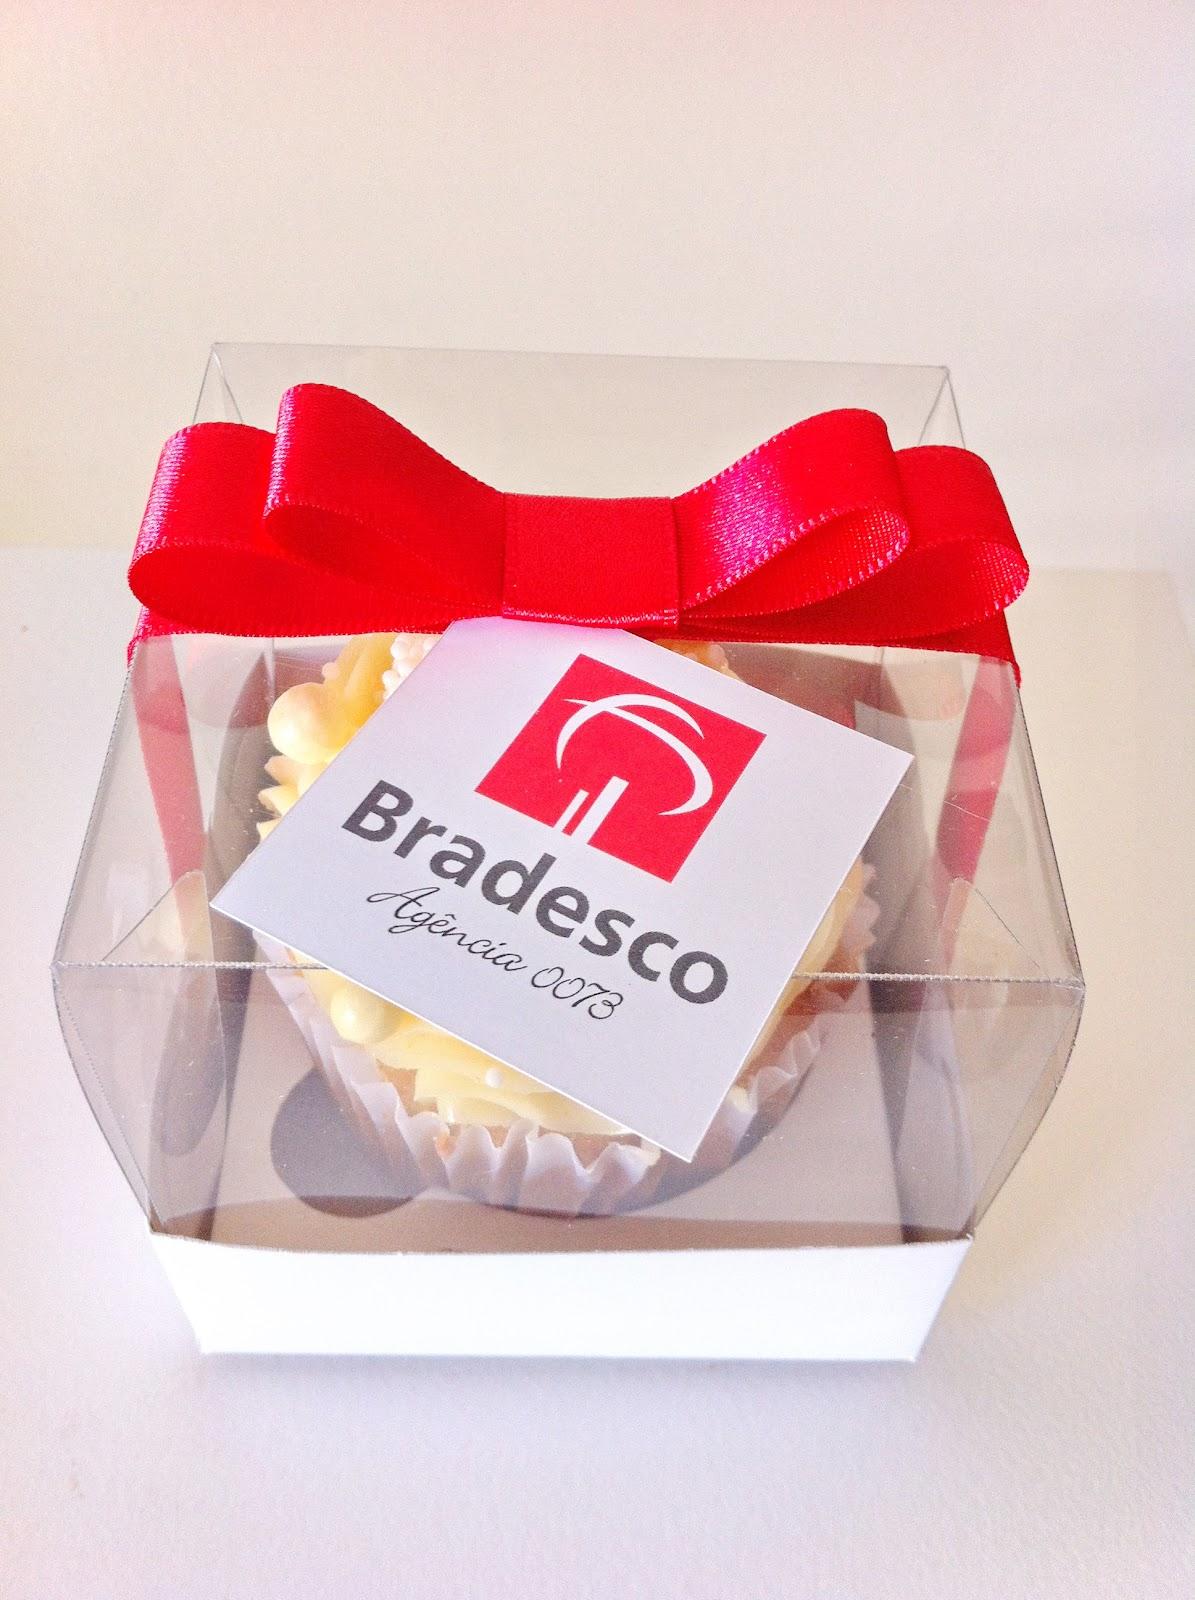 Cupcakes-Bradesco-cupcakes-25-cupcake_usa_oprogramador